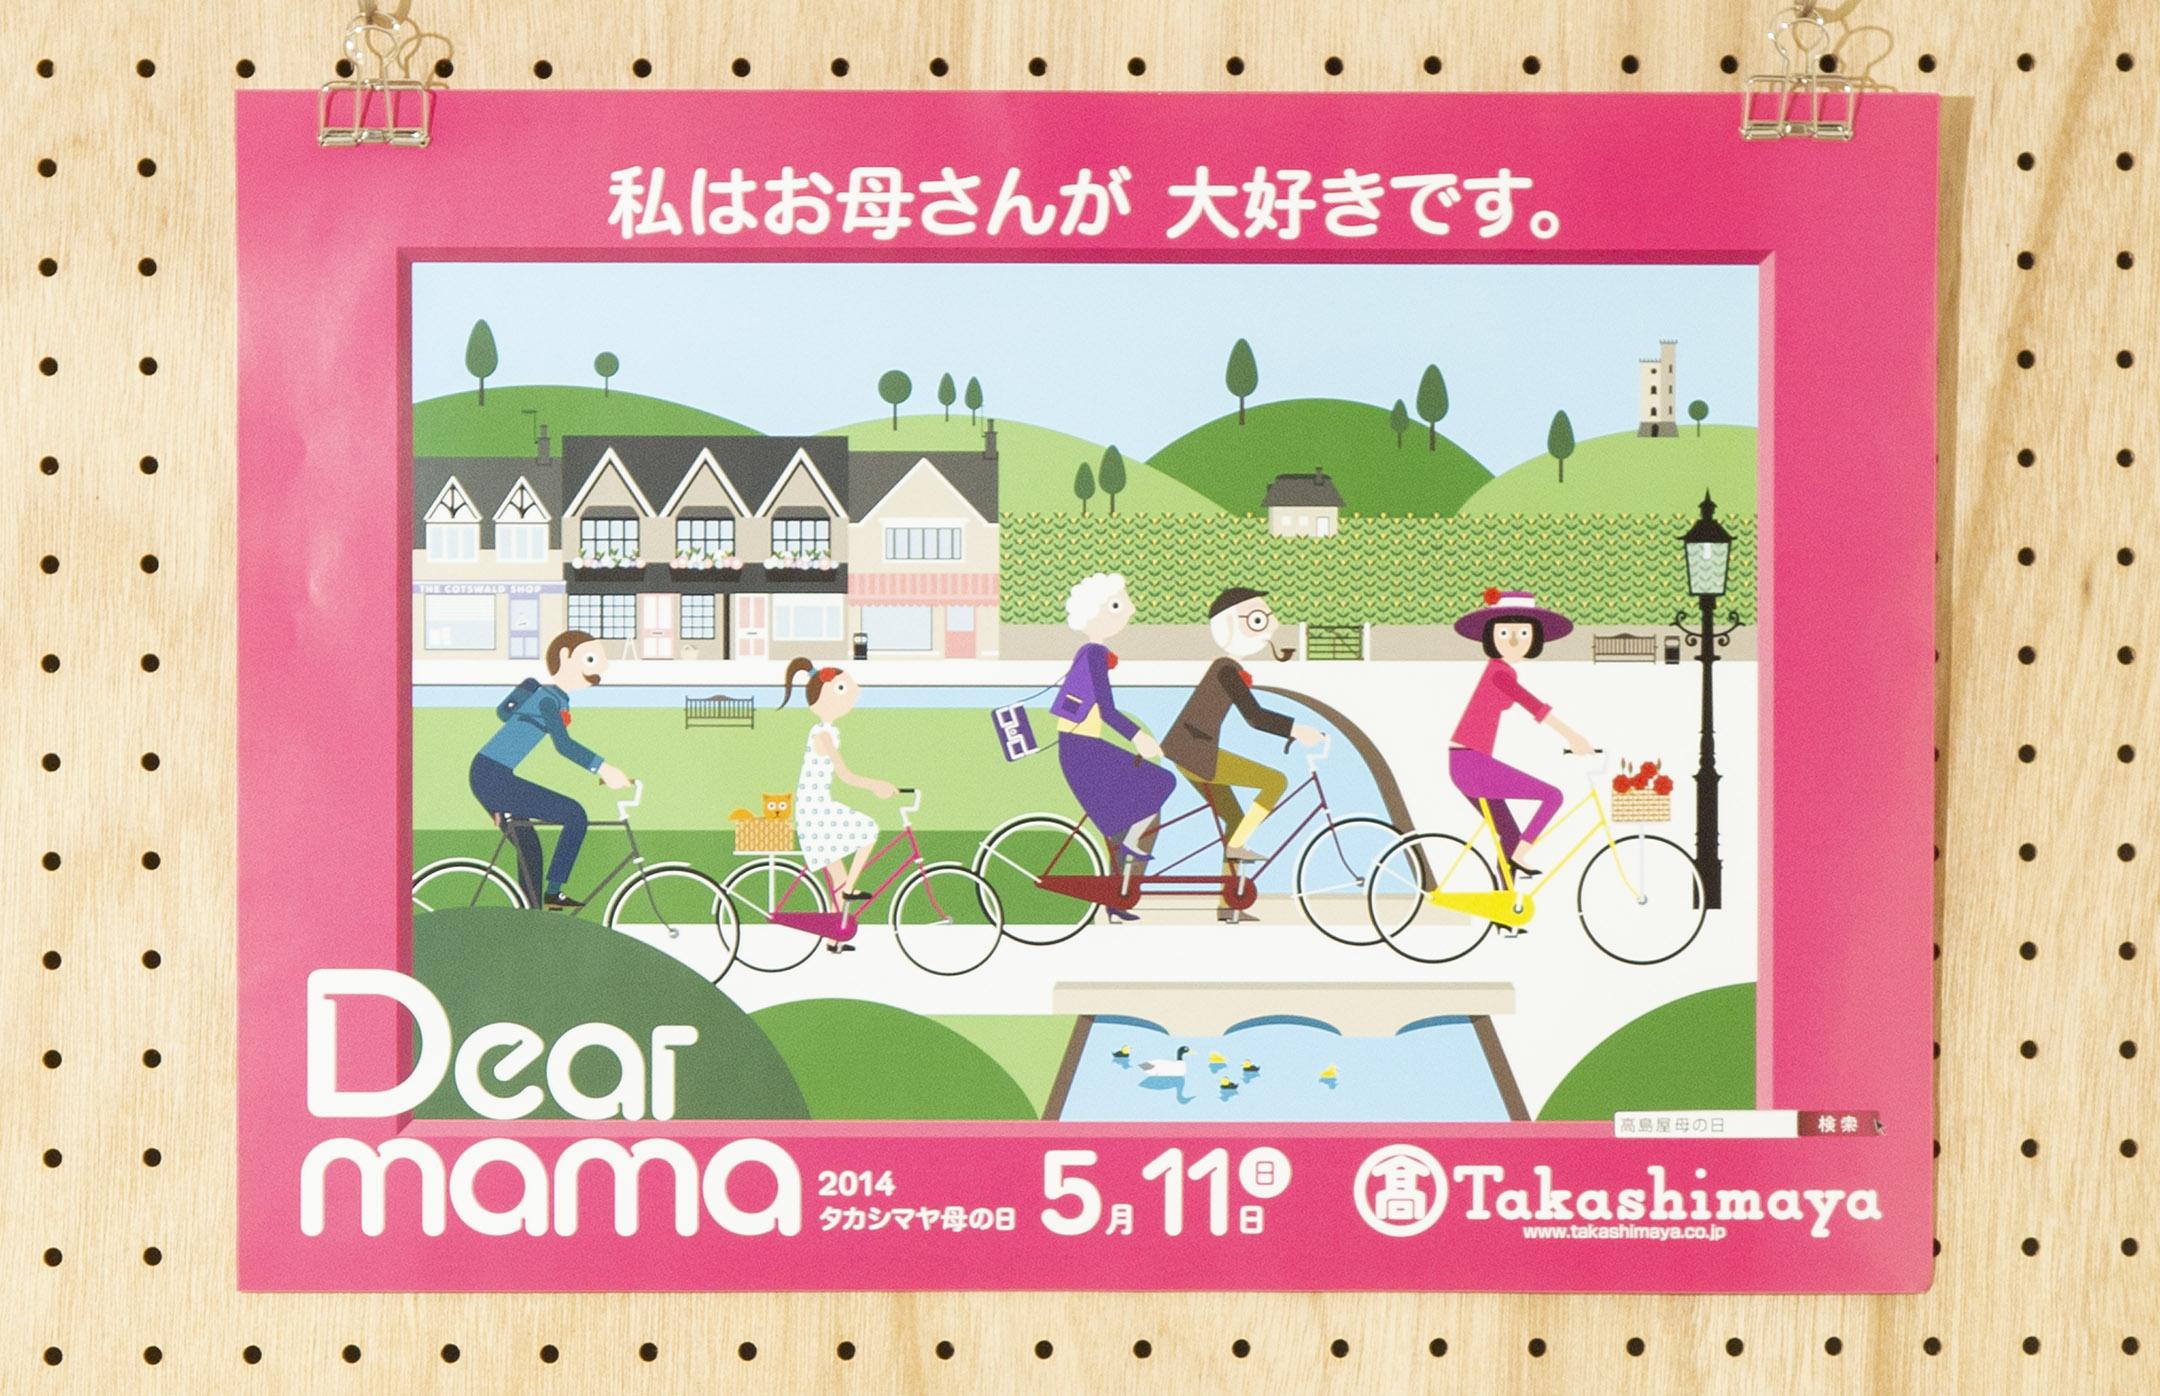 Takashimaya  Dear mama Dear papa